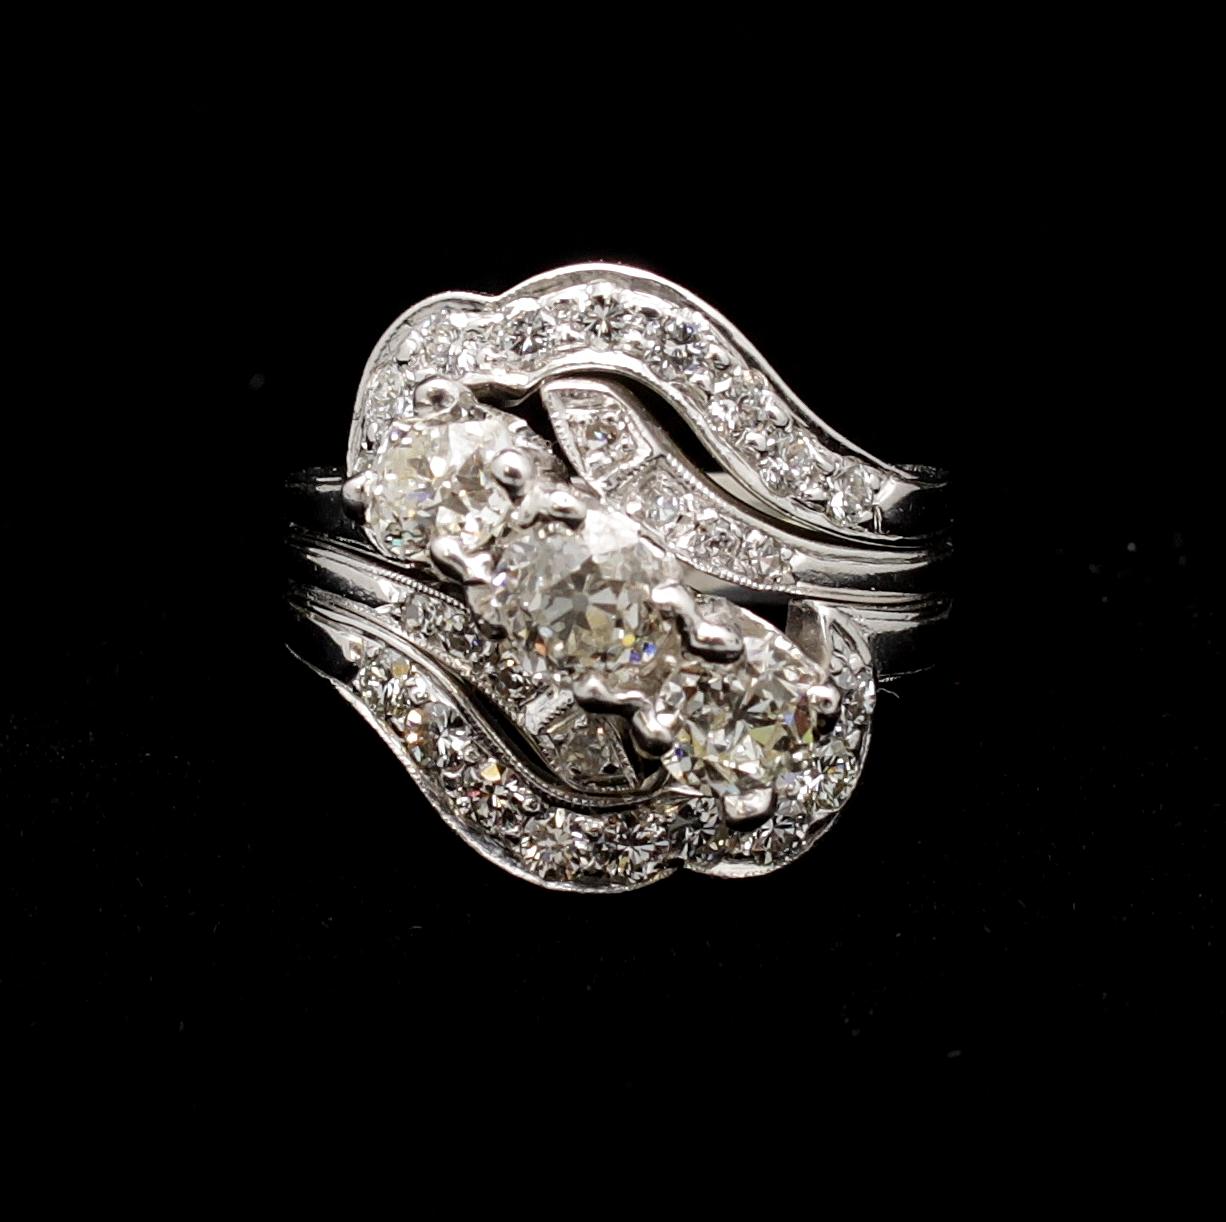 Antique Platinum Diamond Old European Cut 3.5cts Ring